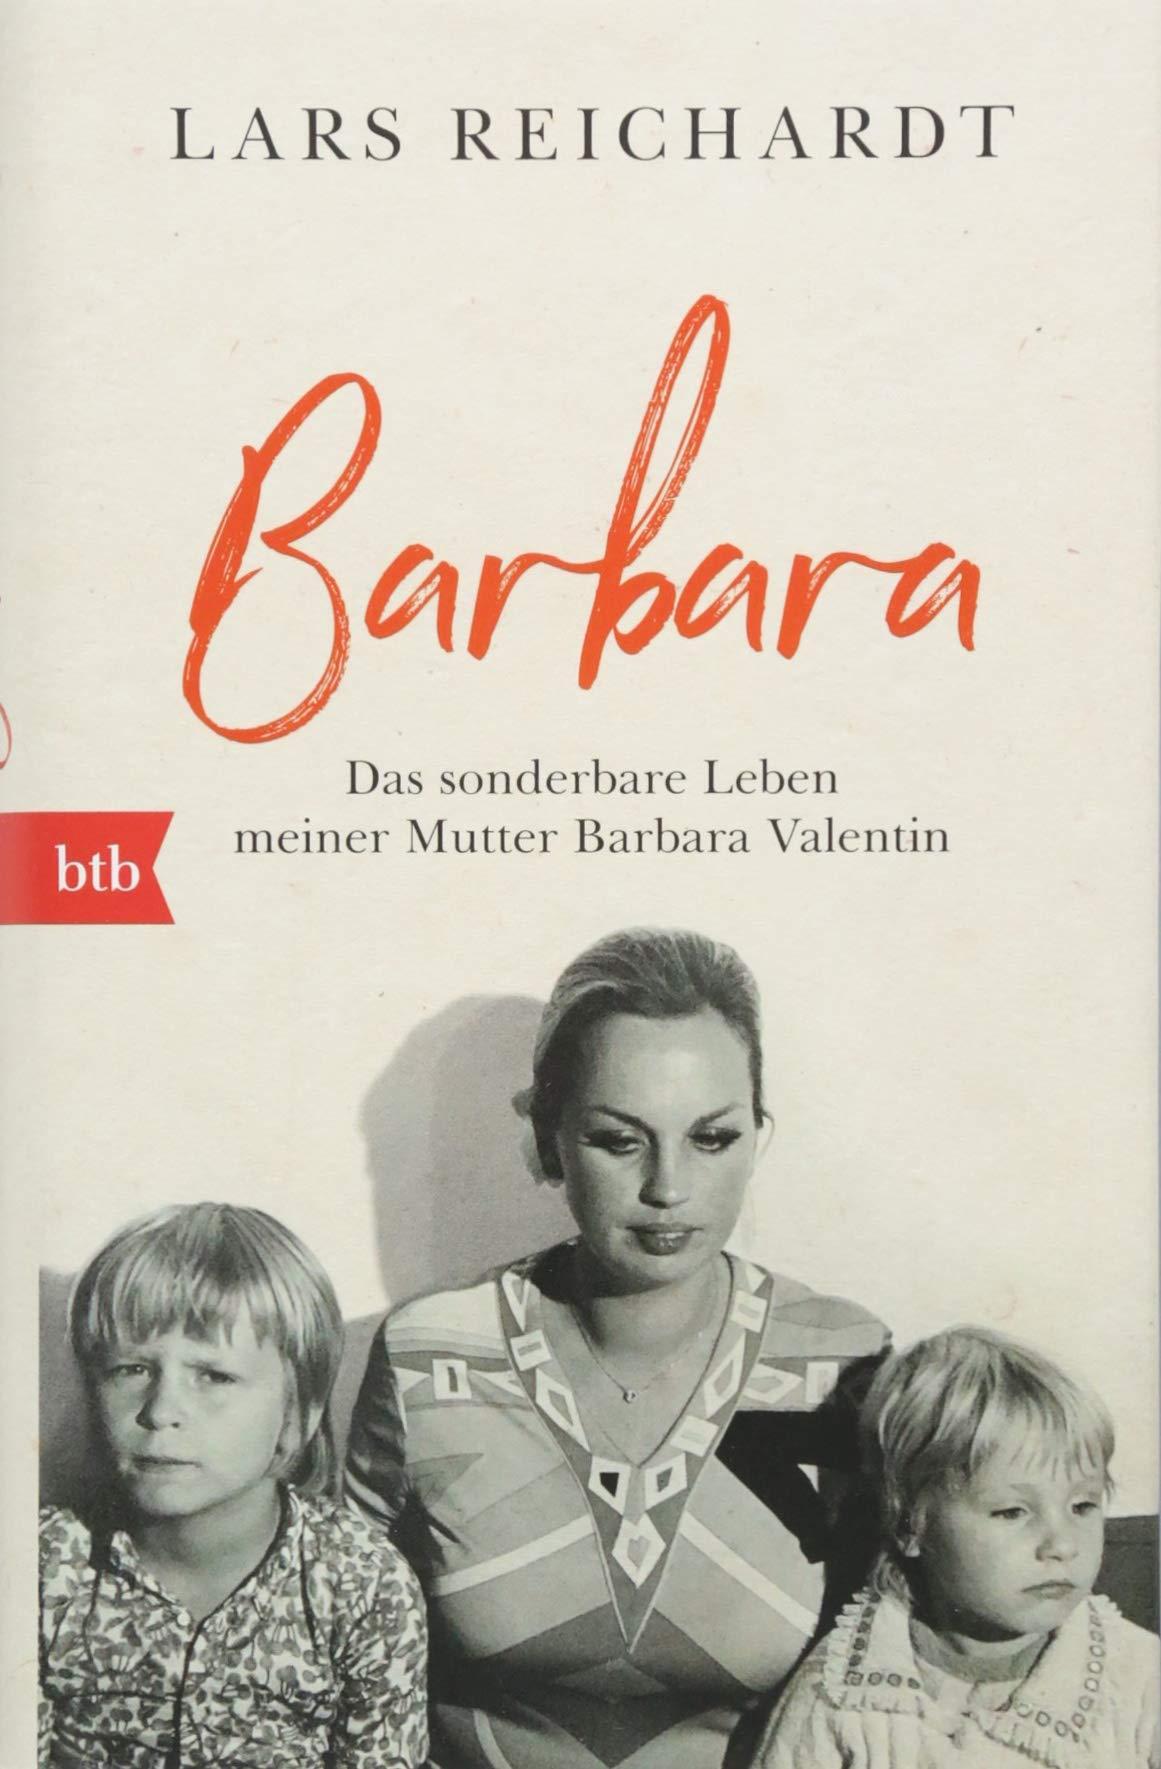 Barbara: Das sonderbare Leben meiner Mutter Barbara Valentin Gebundenes Buch – 24. September 2018 Lars Reichhardt btb Verlag 3442757932 München